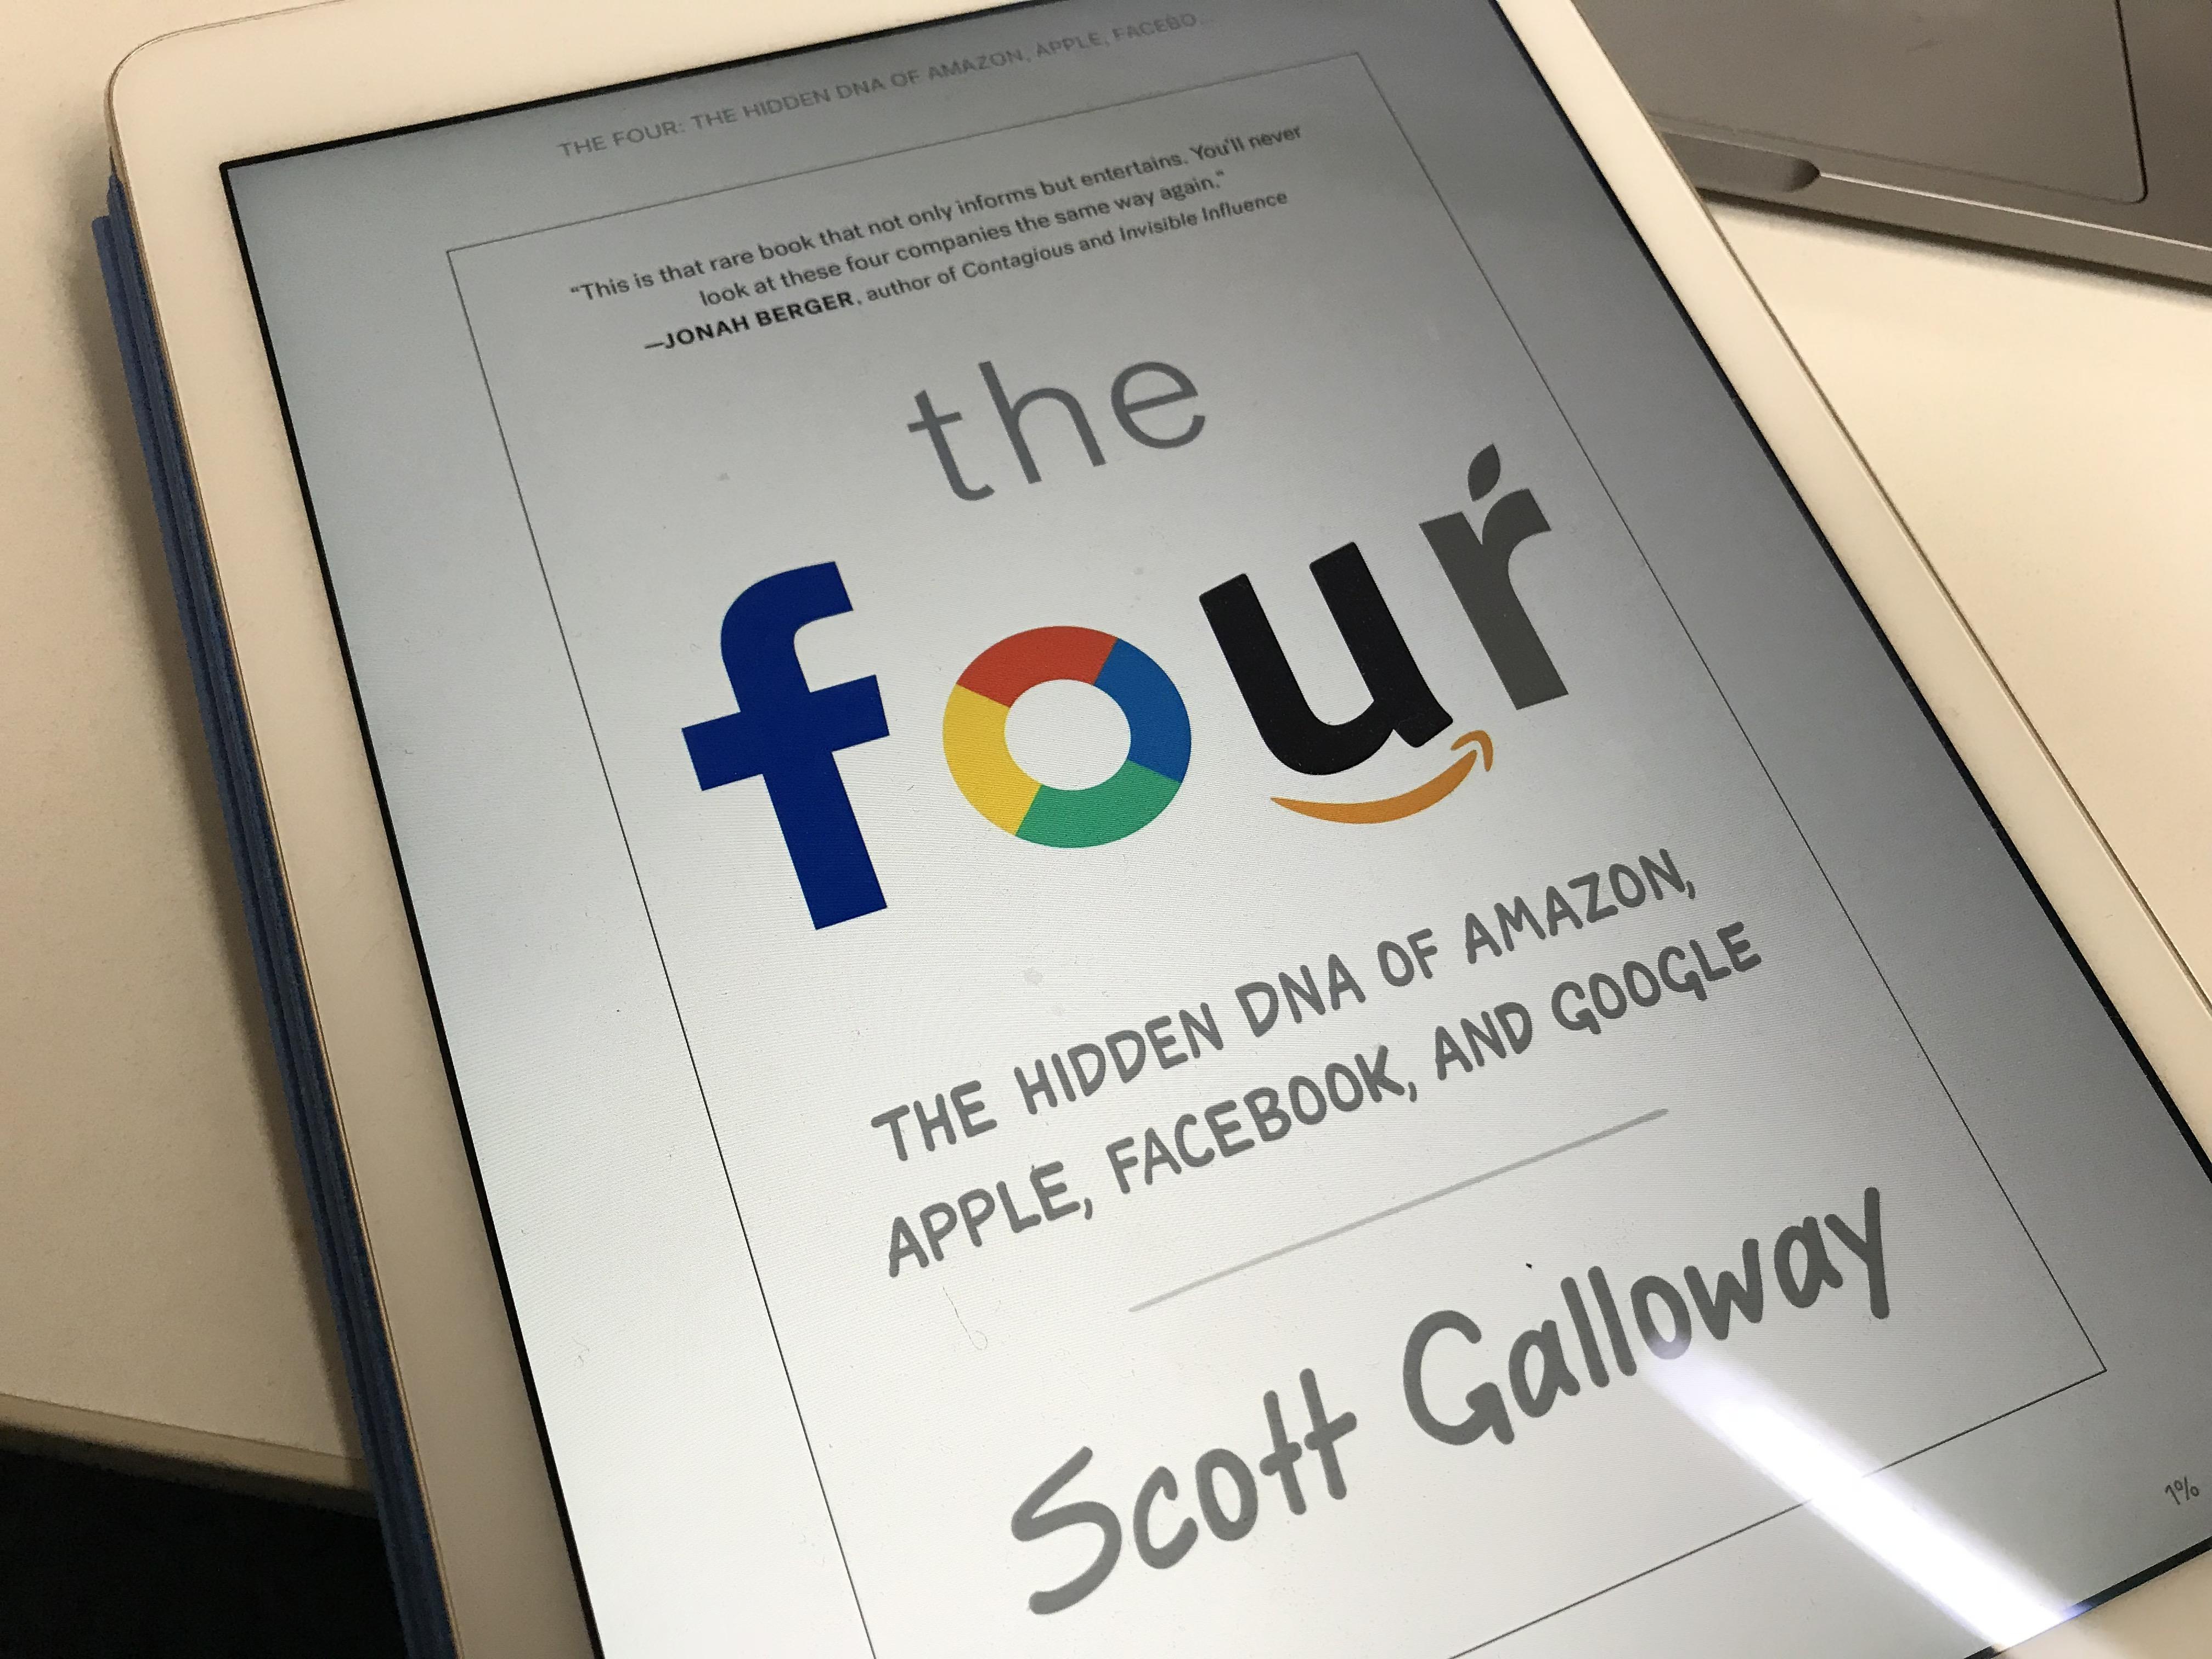 The Four 4社の巨人 を読んだ感想